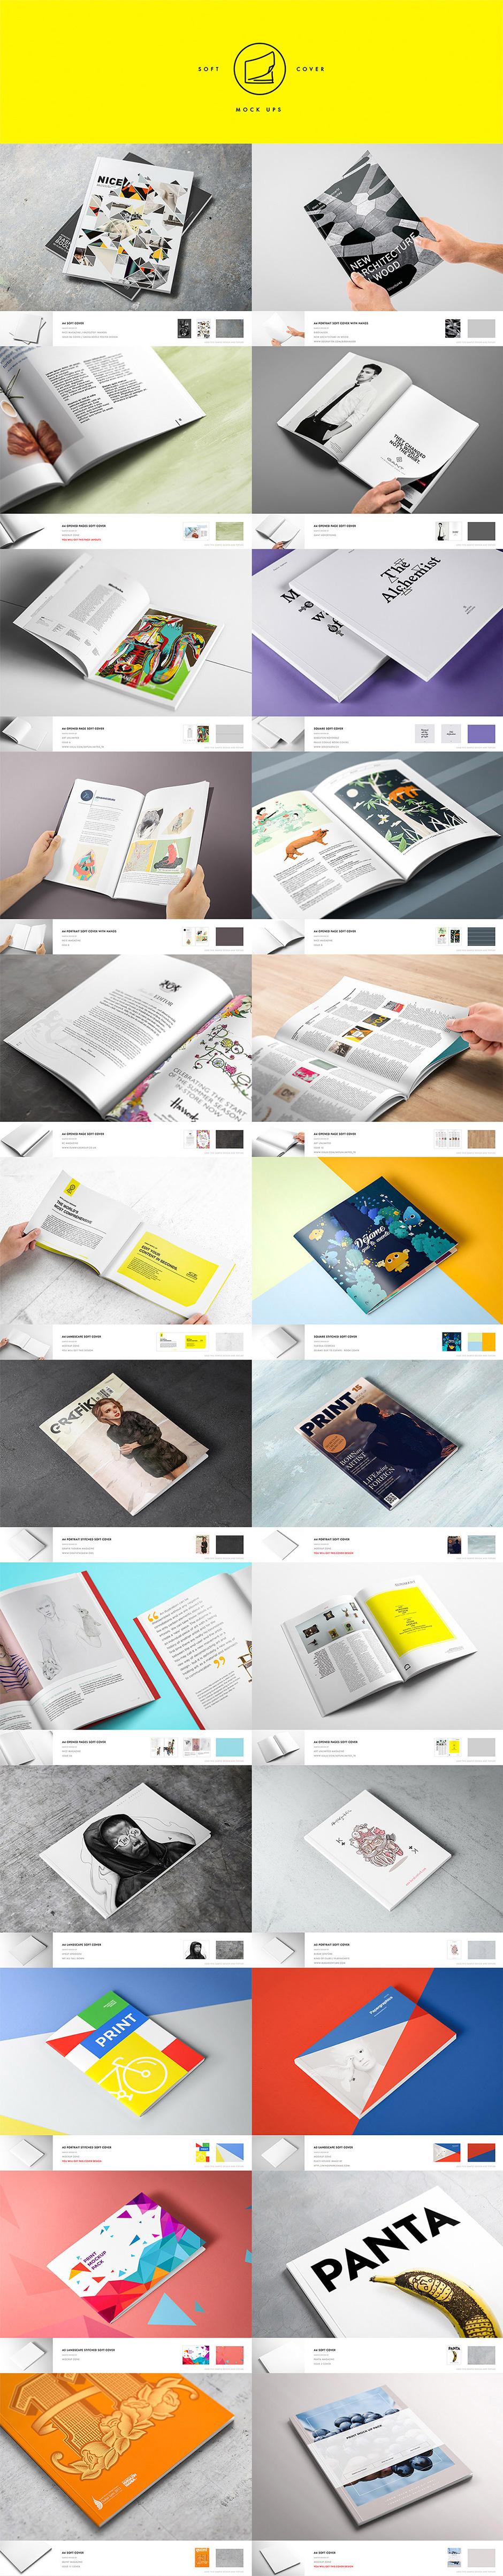 Print Design Mockup - Präsentationsvorlagen für deine Print Designs